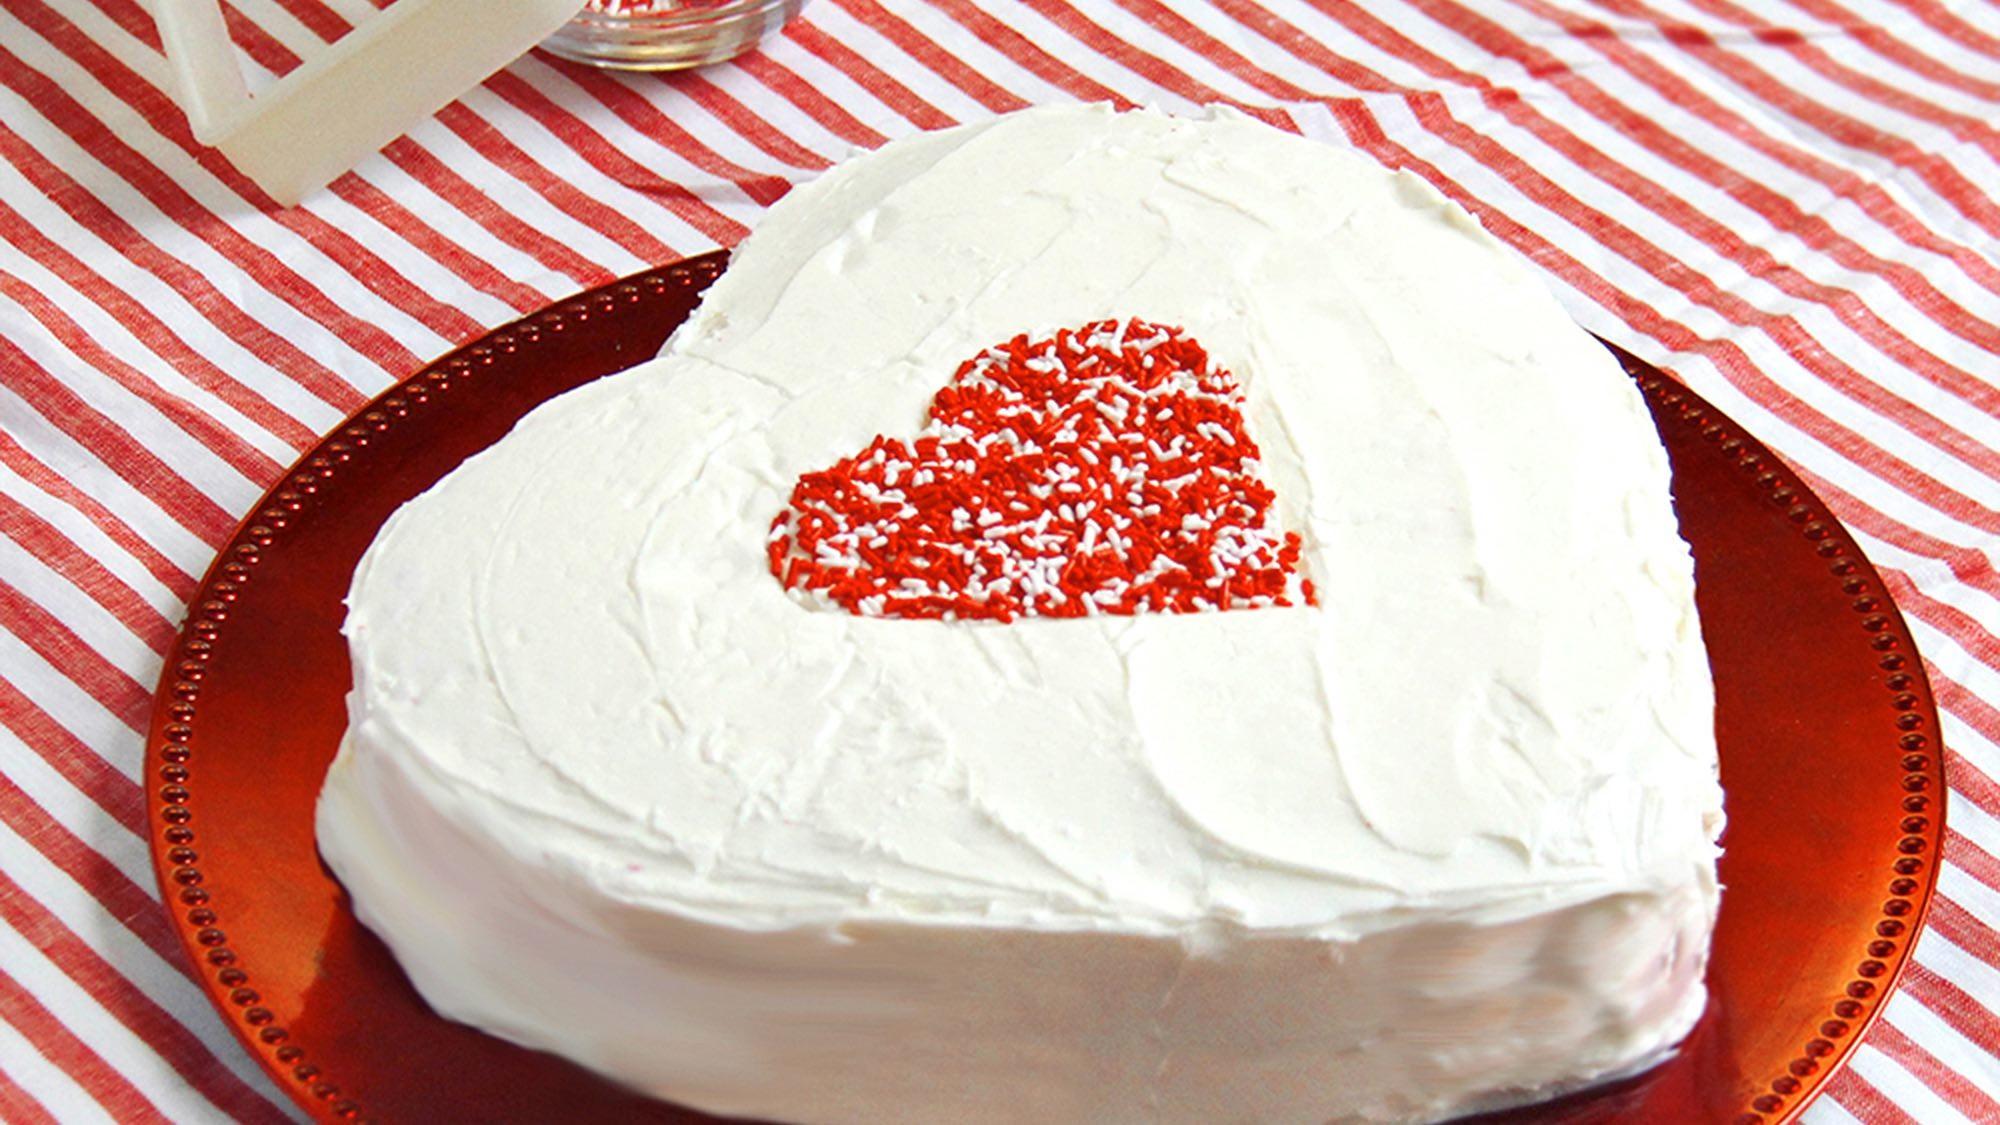 تورتة عيد الحب - تورتة بالكريمة على شكل قلب